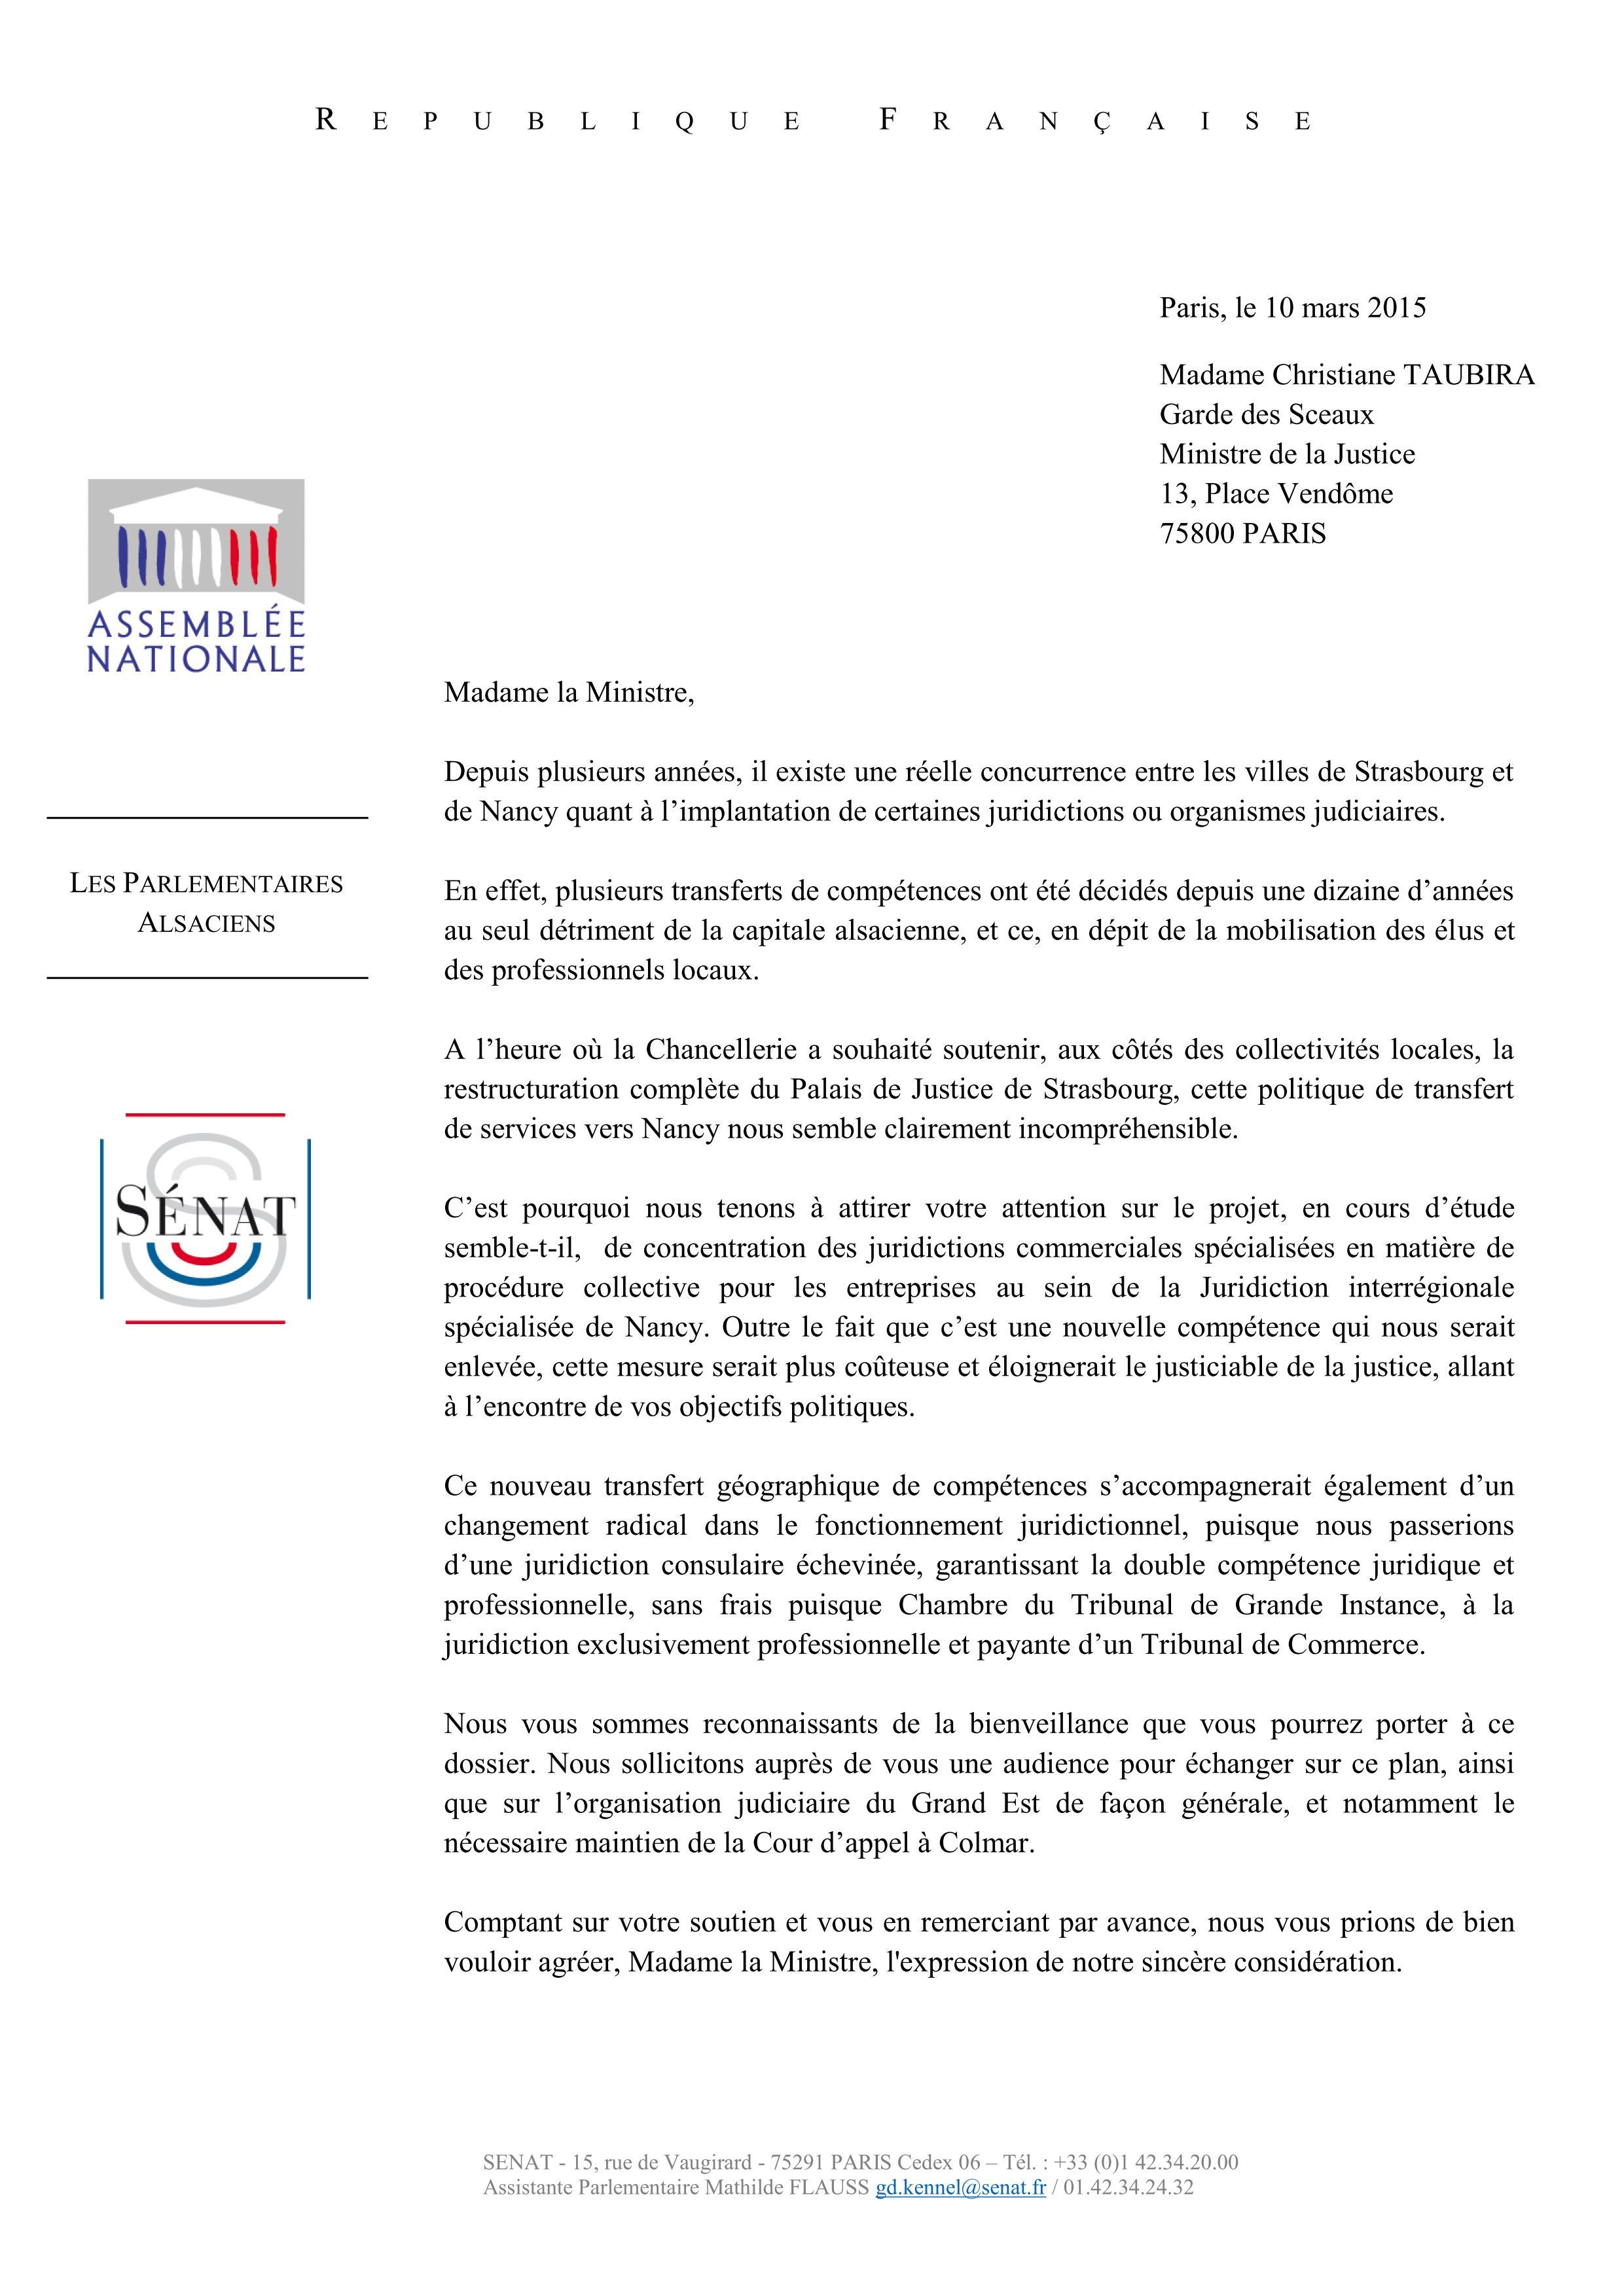 Courrier Taubira Parlementaires UMP UDI 13-03-15 (1)